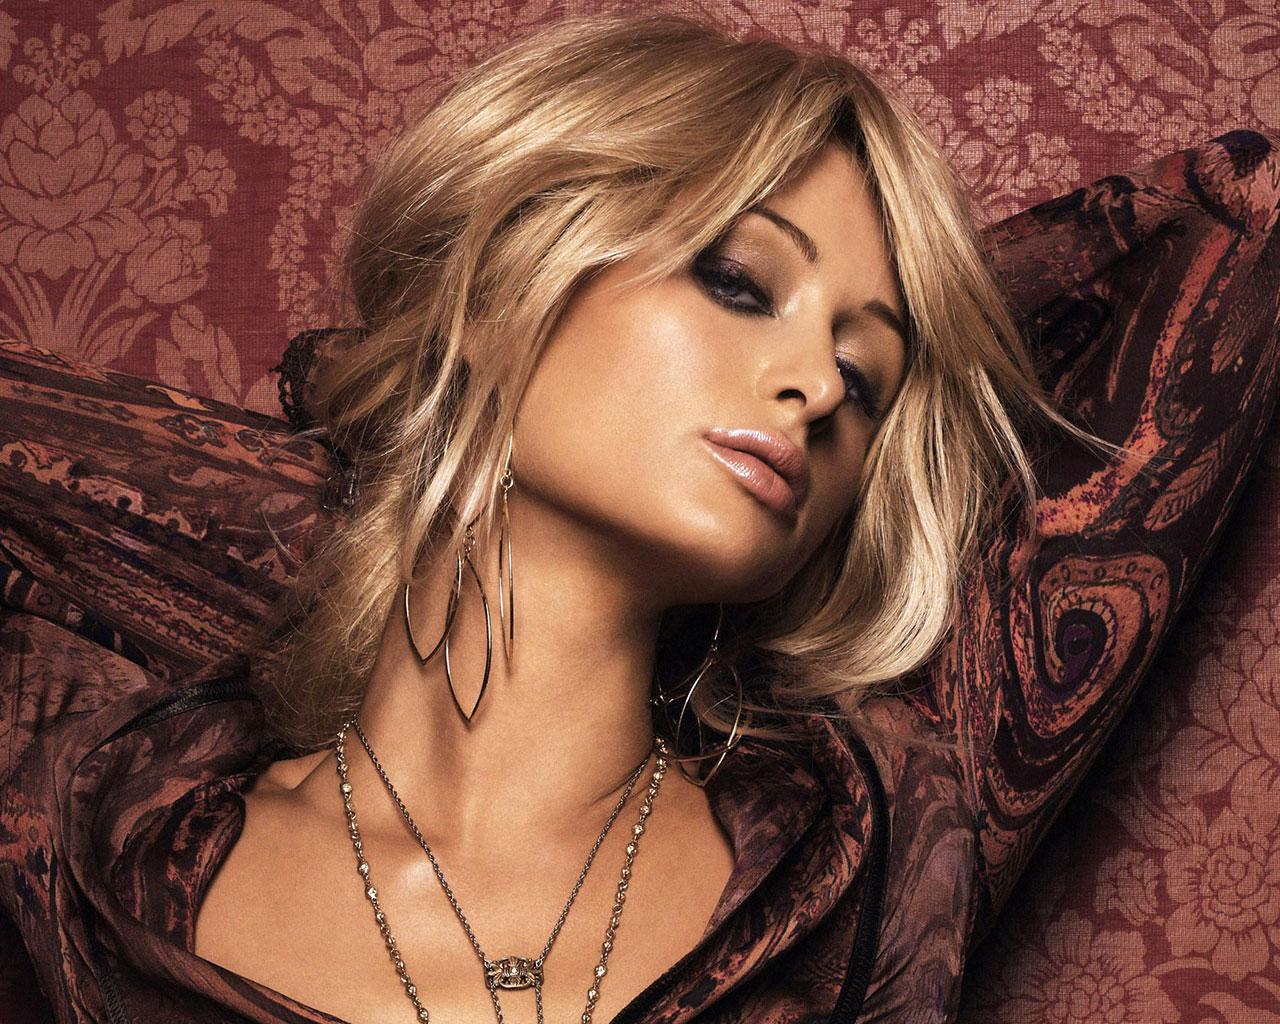 Paris Hilton Photos | ... Paris Hilton